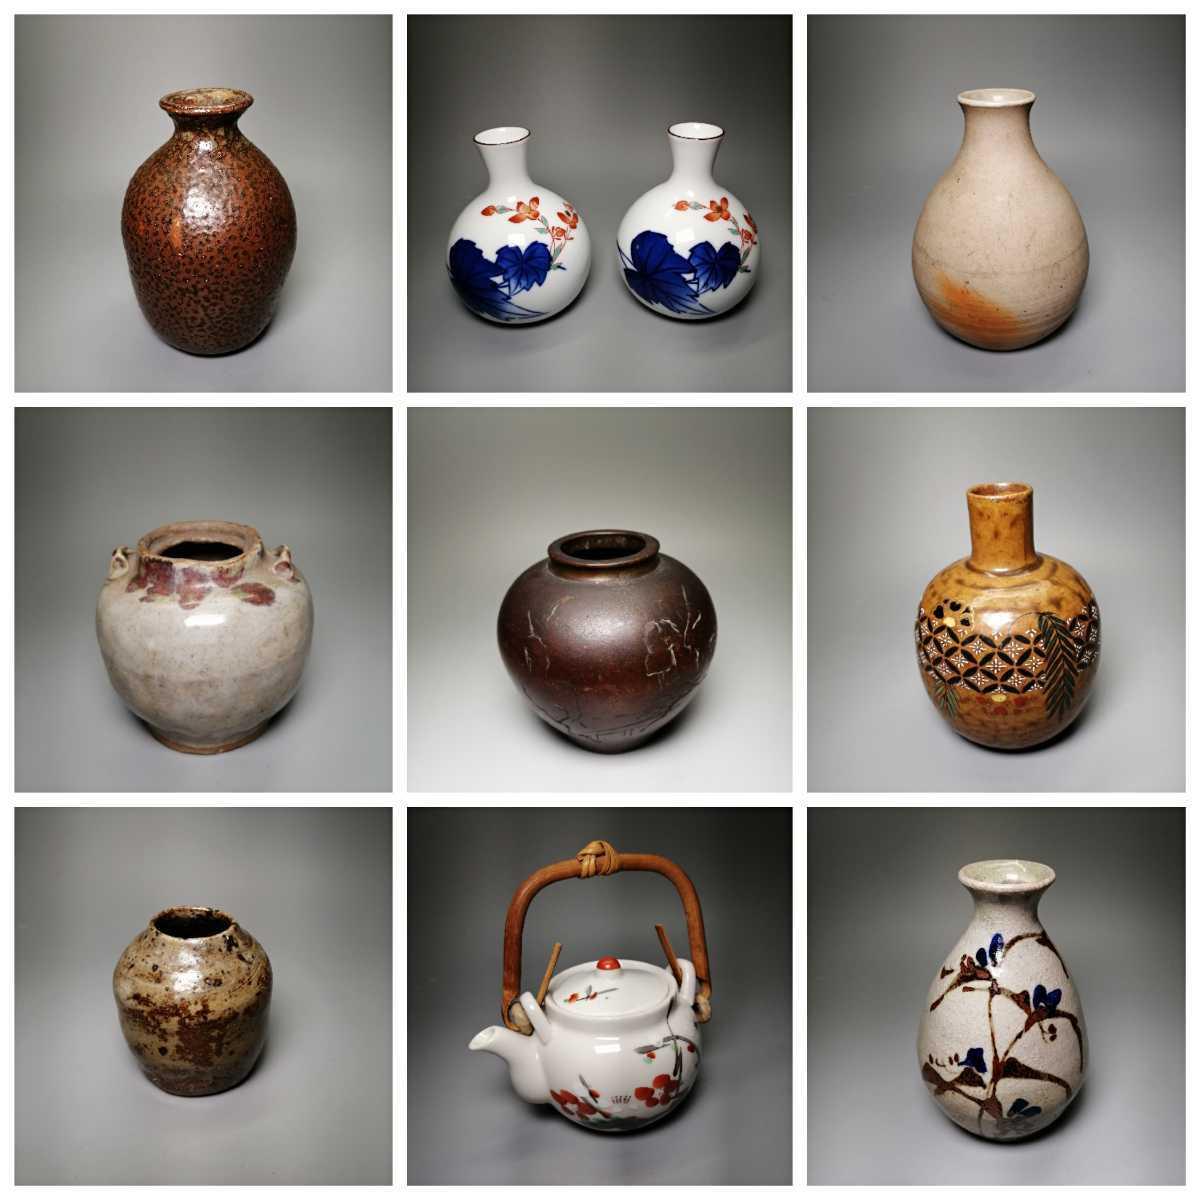 壺 小花瓶 酒器 まとめて 小壷 徳利 花瓶 花器 花生 花入 一輪挿し 香蘭社 銅器 九谷 陶器 置物 大量まとめ売り 茶道具 茶器 古美術 飾り物